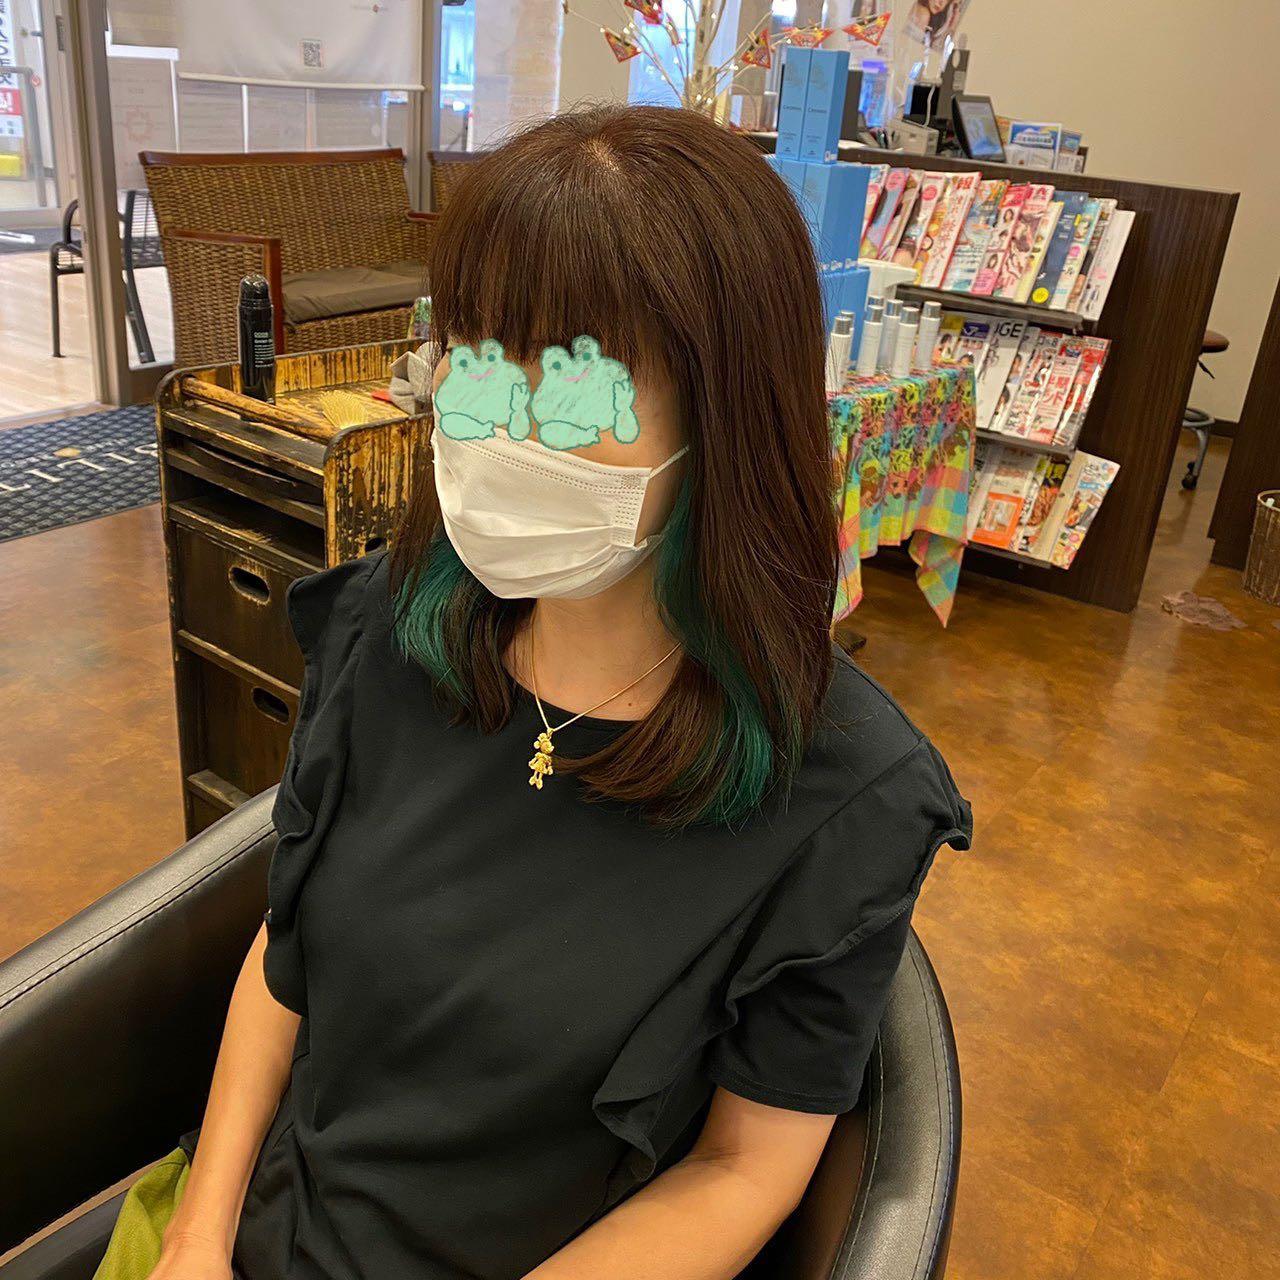 インナー×ブルーグリーン耳下に初のインナーカラー恥ずかしがり屋さんのため、少し目元に加工させていただいてます。ABILITYの写真は基本的に無加工で載せてるので、実際の色味や写真に映った時の発色が分かりやすくお伝えできます!最近ミドリ多めですコロナ禍で感染者数も増えてきてしまいましたが、ABILITYではどこのお店よりも安心安全にご来店いただけるように、感染対策を徹底しながら大型の医療用空気除菌機を導入しております。安心してご来店お待ちしております。なお、混雑、三密を避けるために、ご予約優先とさせていただきます。【今から行きたーい】で結構ですので気軽にお電話お待ちしております。・#ABILITY #アビリティ #伊奈町 #美容室 #カット #ミルボン#北本 #鴻巣 #蓮田 #白岡 #上尾 #桶川 #伊奈町美容室 #ウニクス伊奈 #ウニクス #美容室求人 #一緒に働こう #ありがとう #炭酸泉 #高濃度炭酸泉#エルジューダ #求人募集 #求人募集 #フォギーブルージュ ー #インナーカラー #インナーグリーン #ヘアカラー